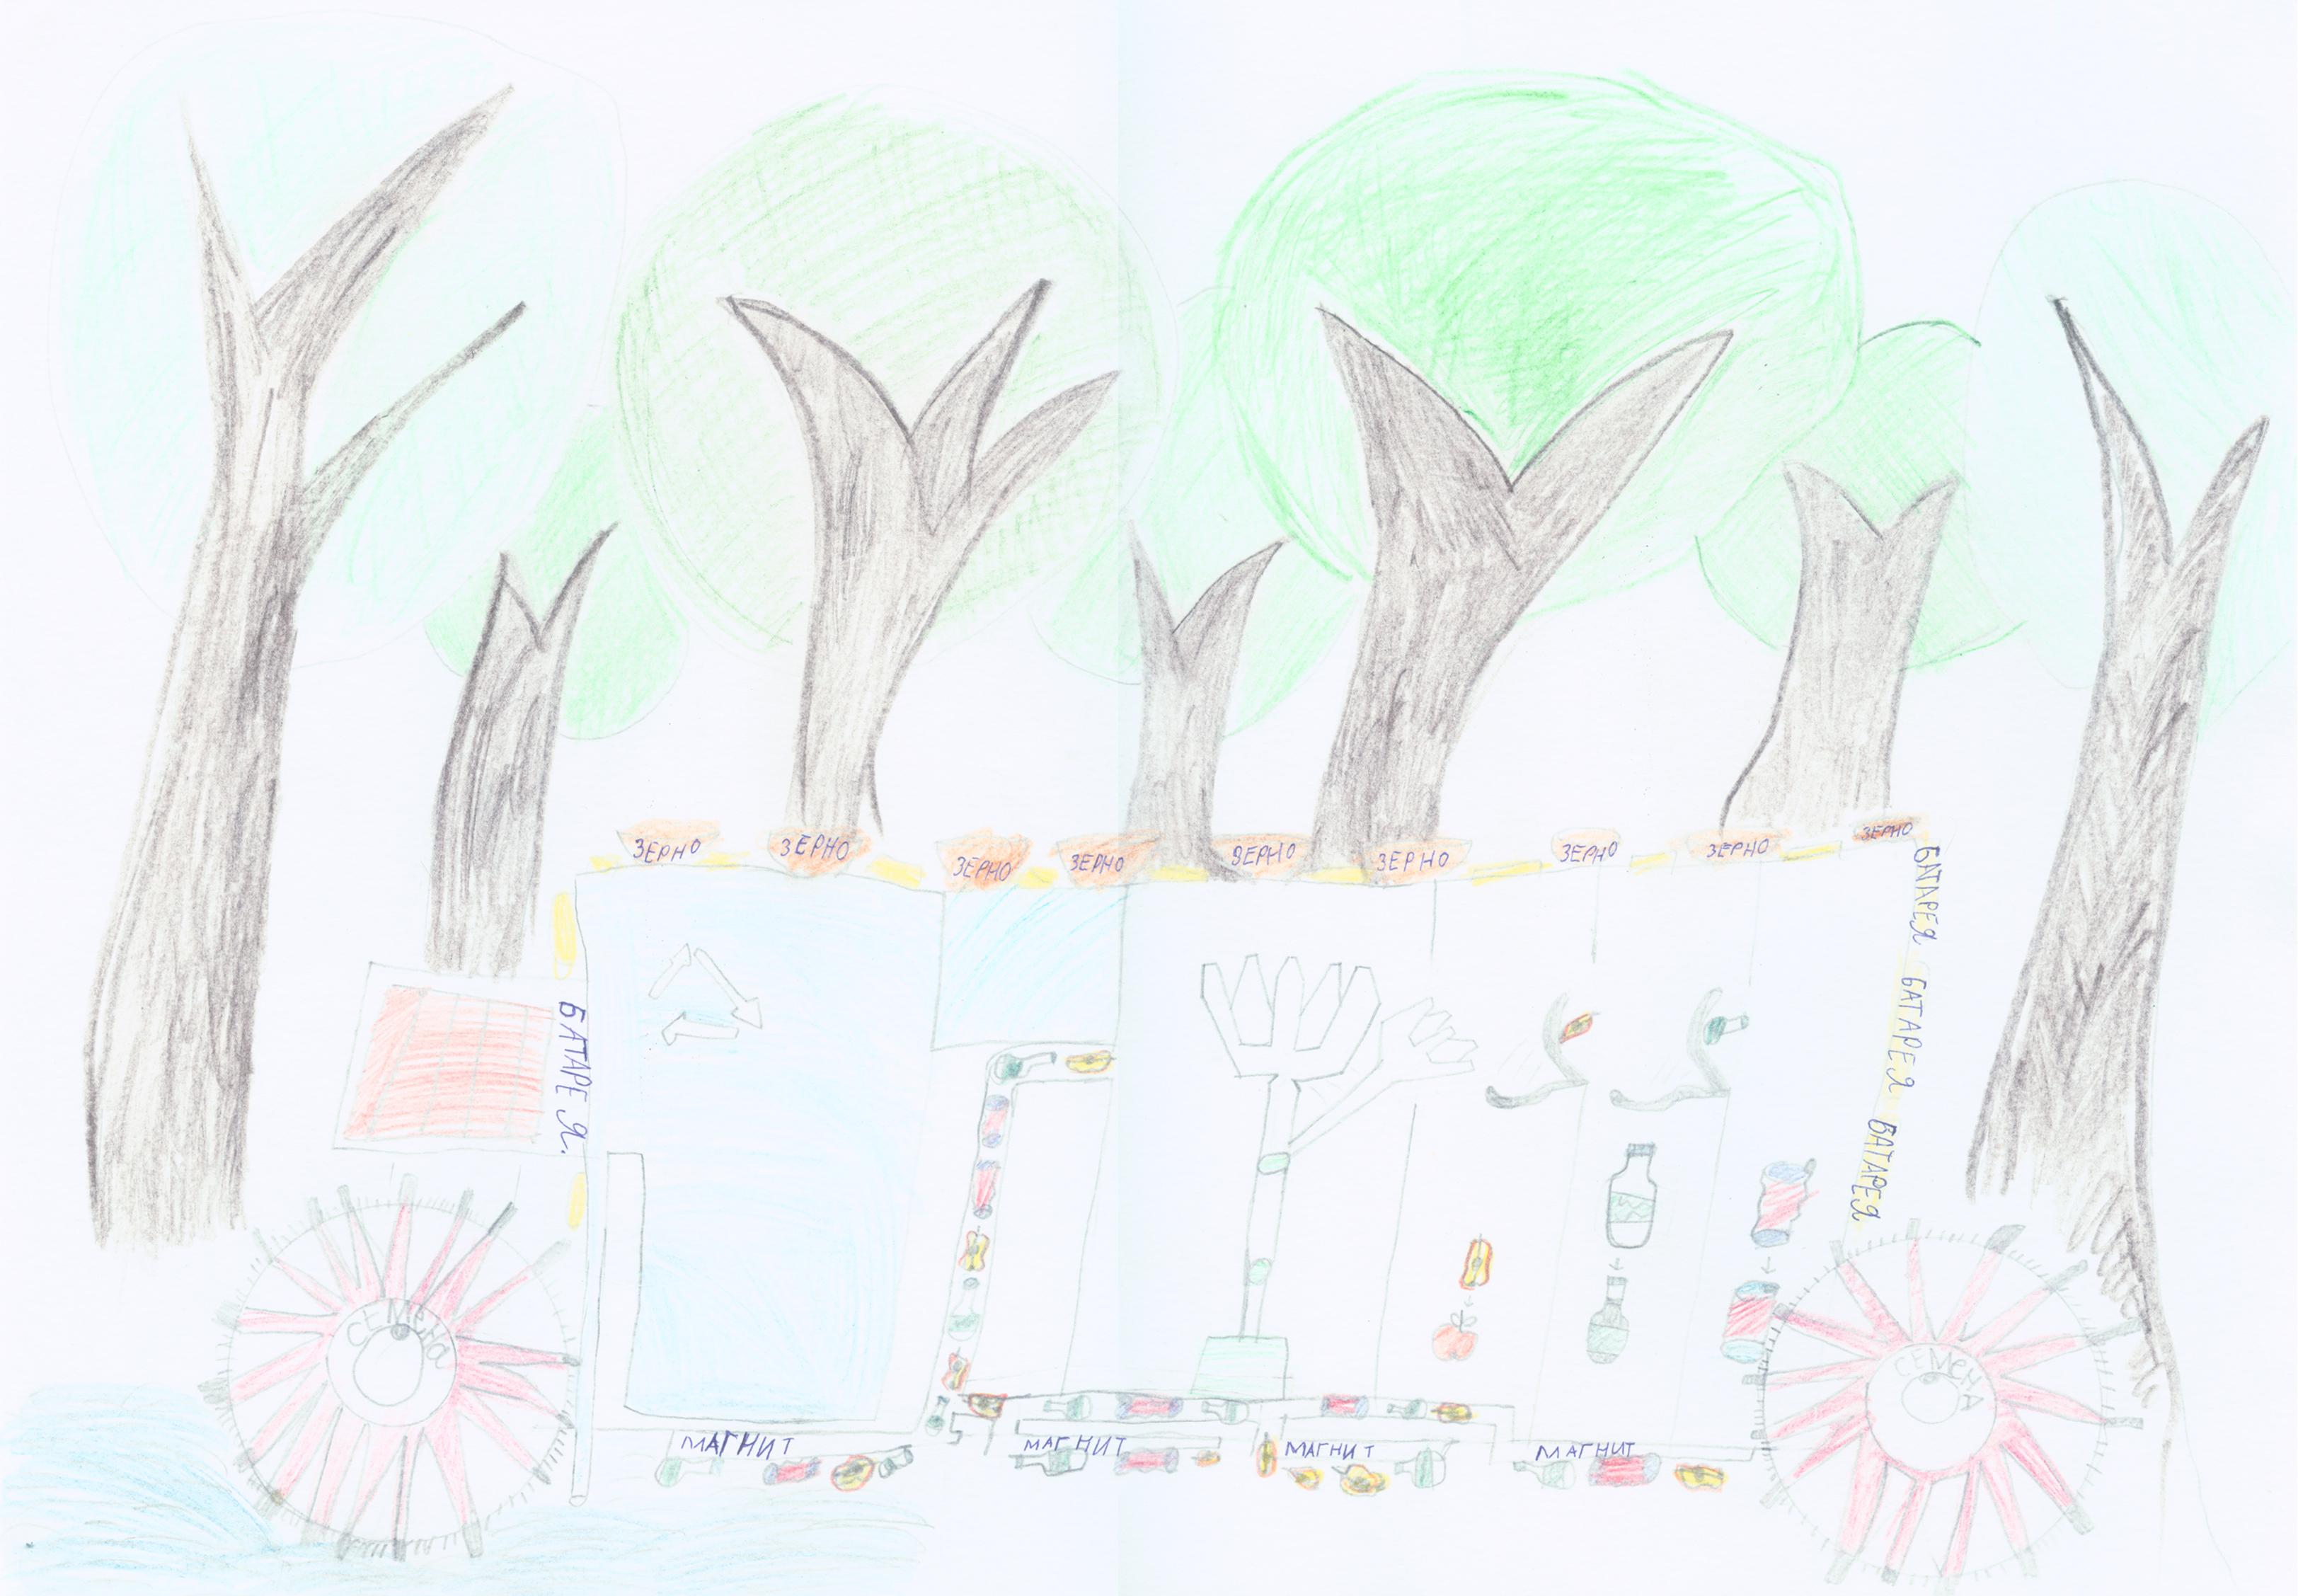 Давыдова Маргарита 1Г класс Лицей№2 (3 рисунок)